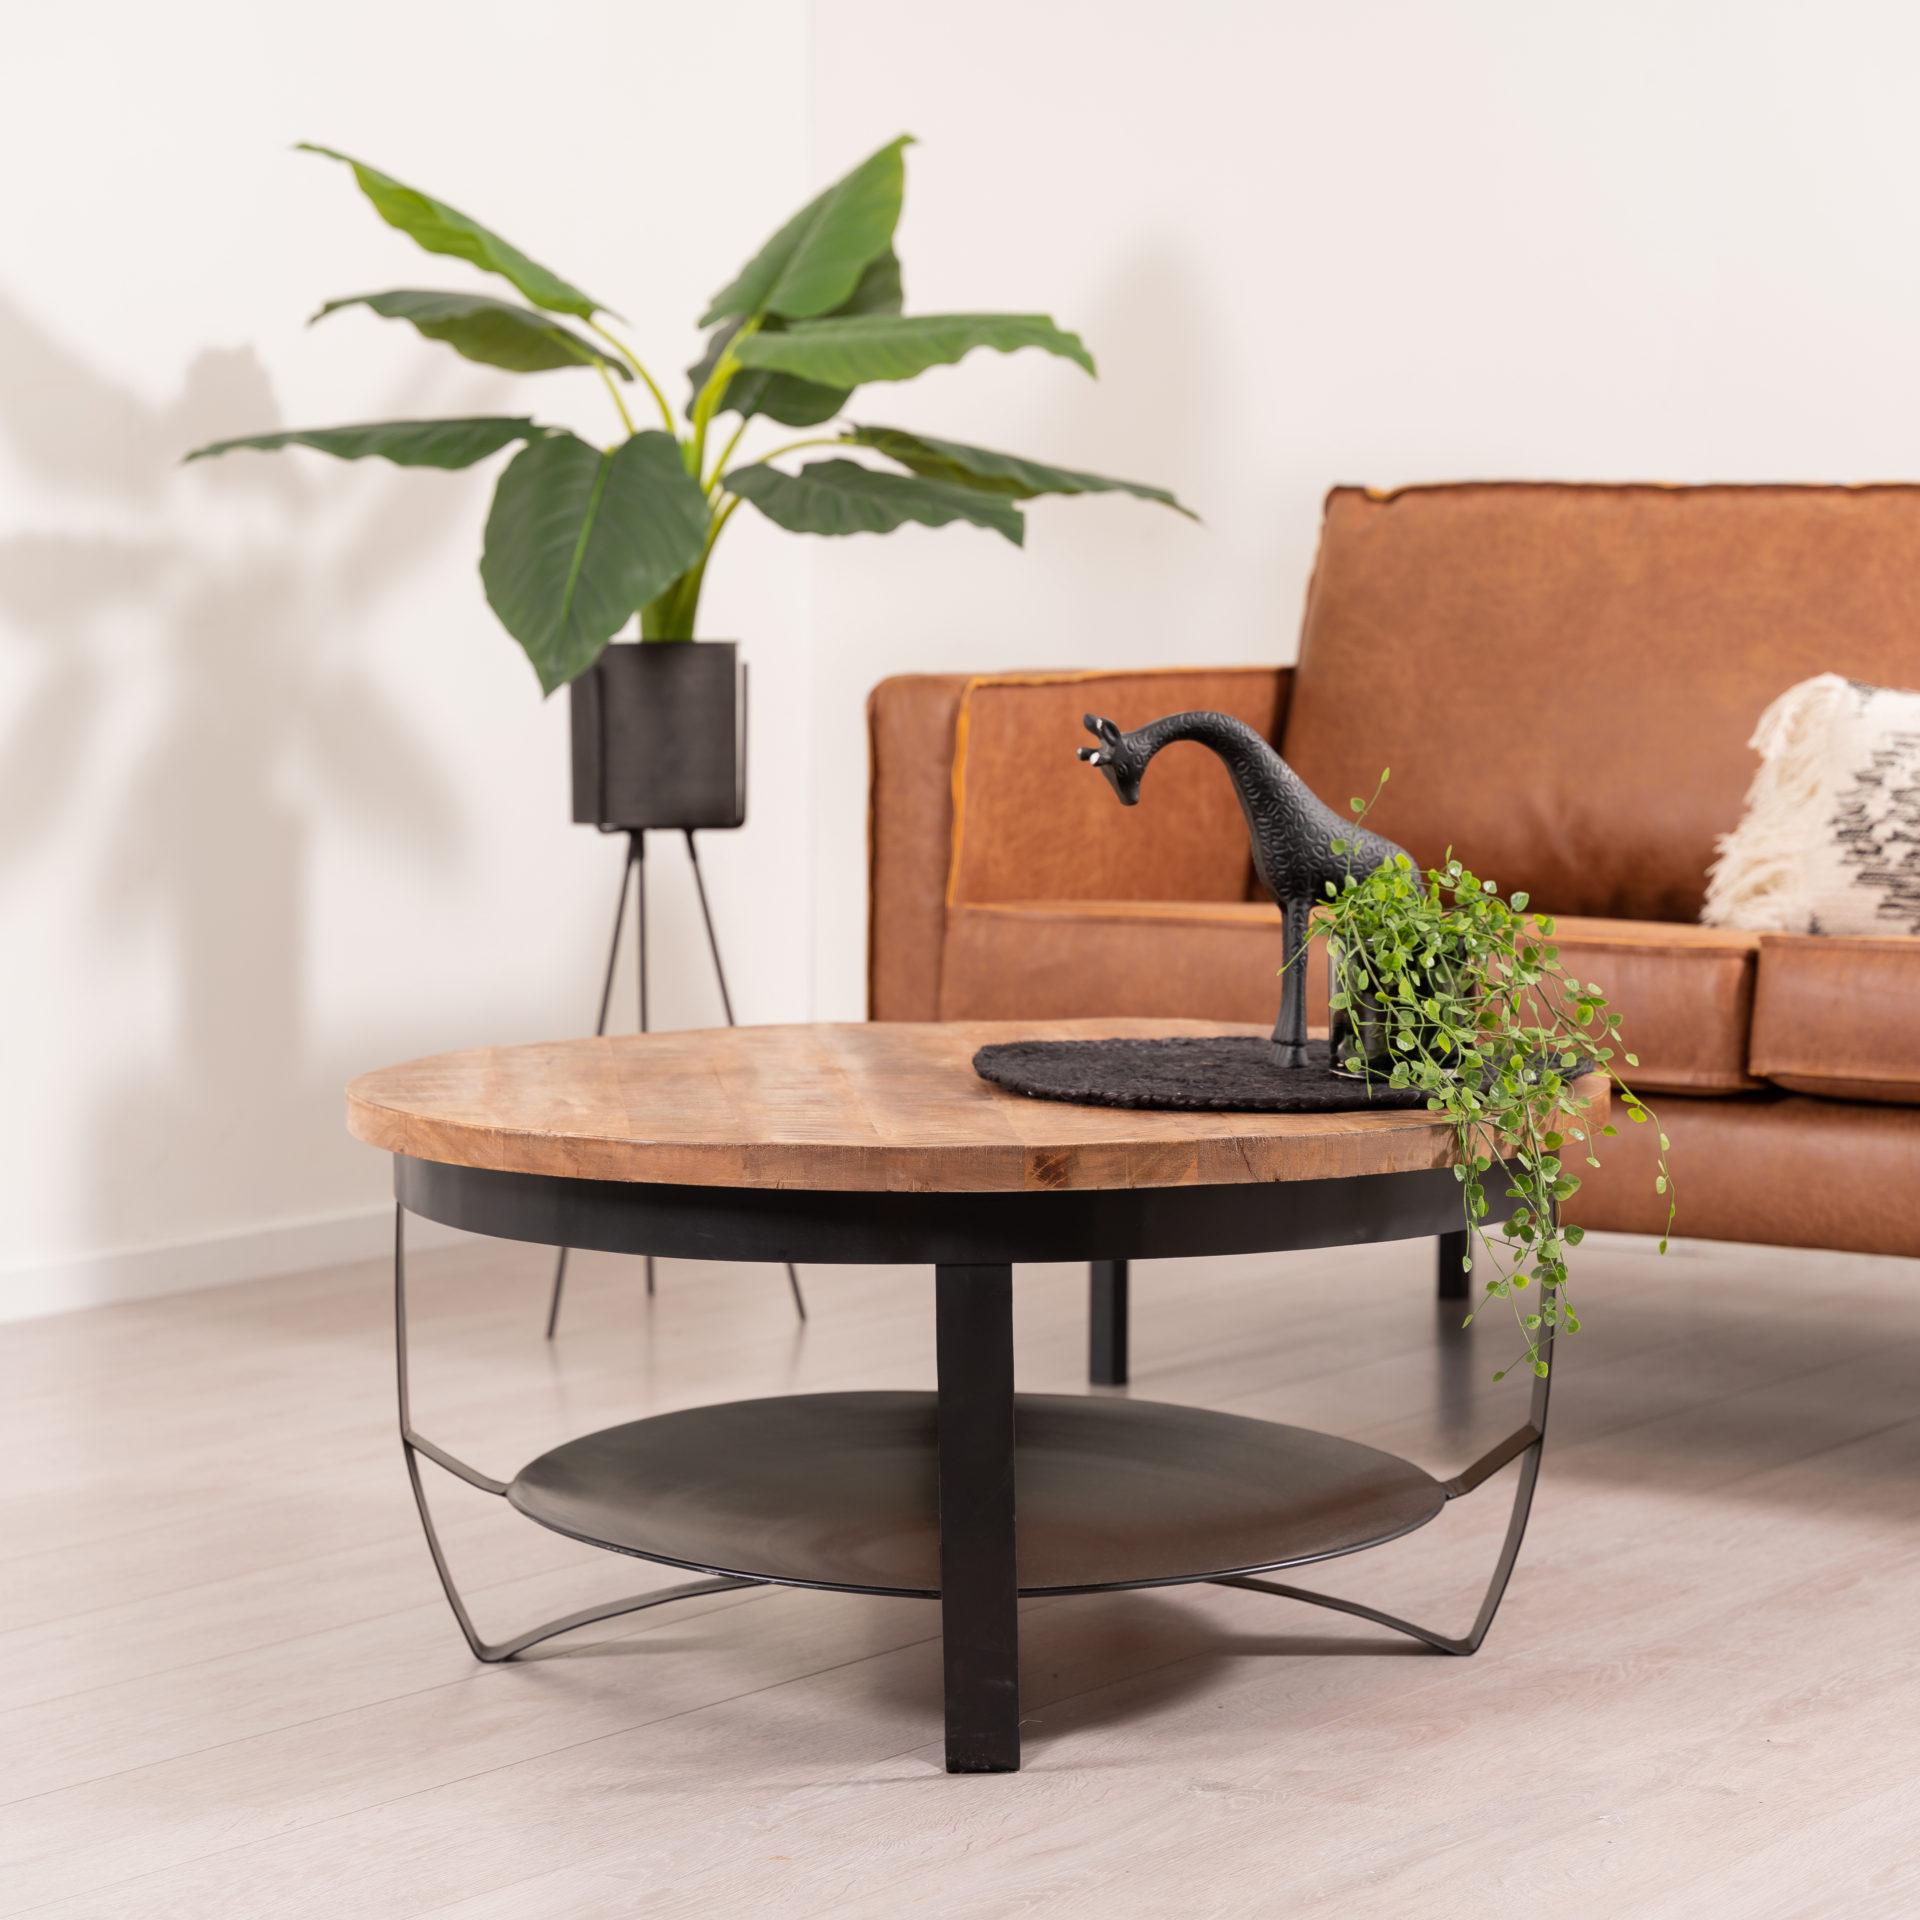 Ronde salontafel grote variant met een blad gemaakt van mangohout en metalen onderstel. De lengte van de tafel is 90 cm, breedte 90 cm en hoogte 41 cm.